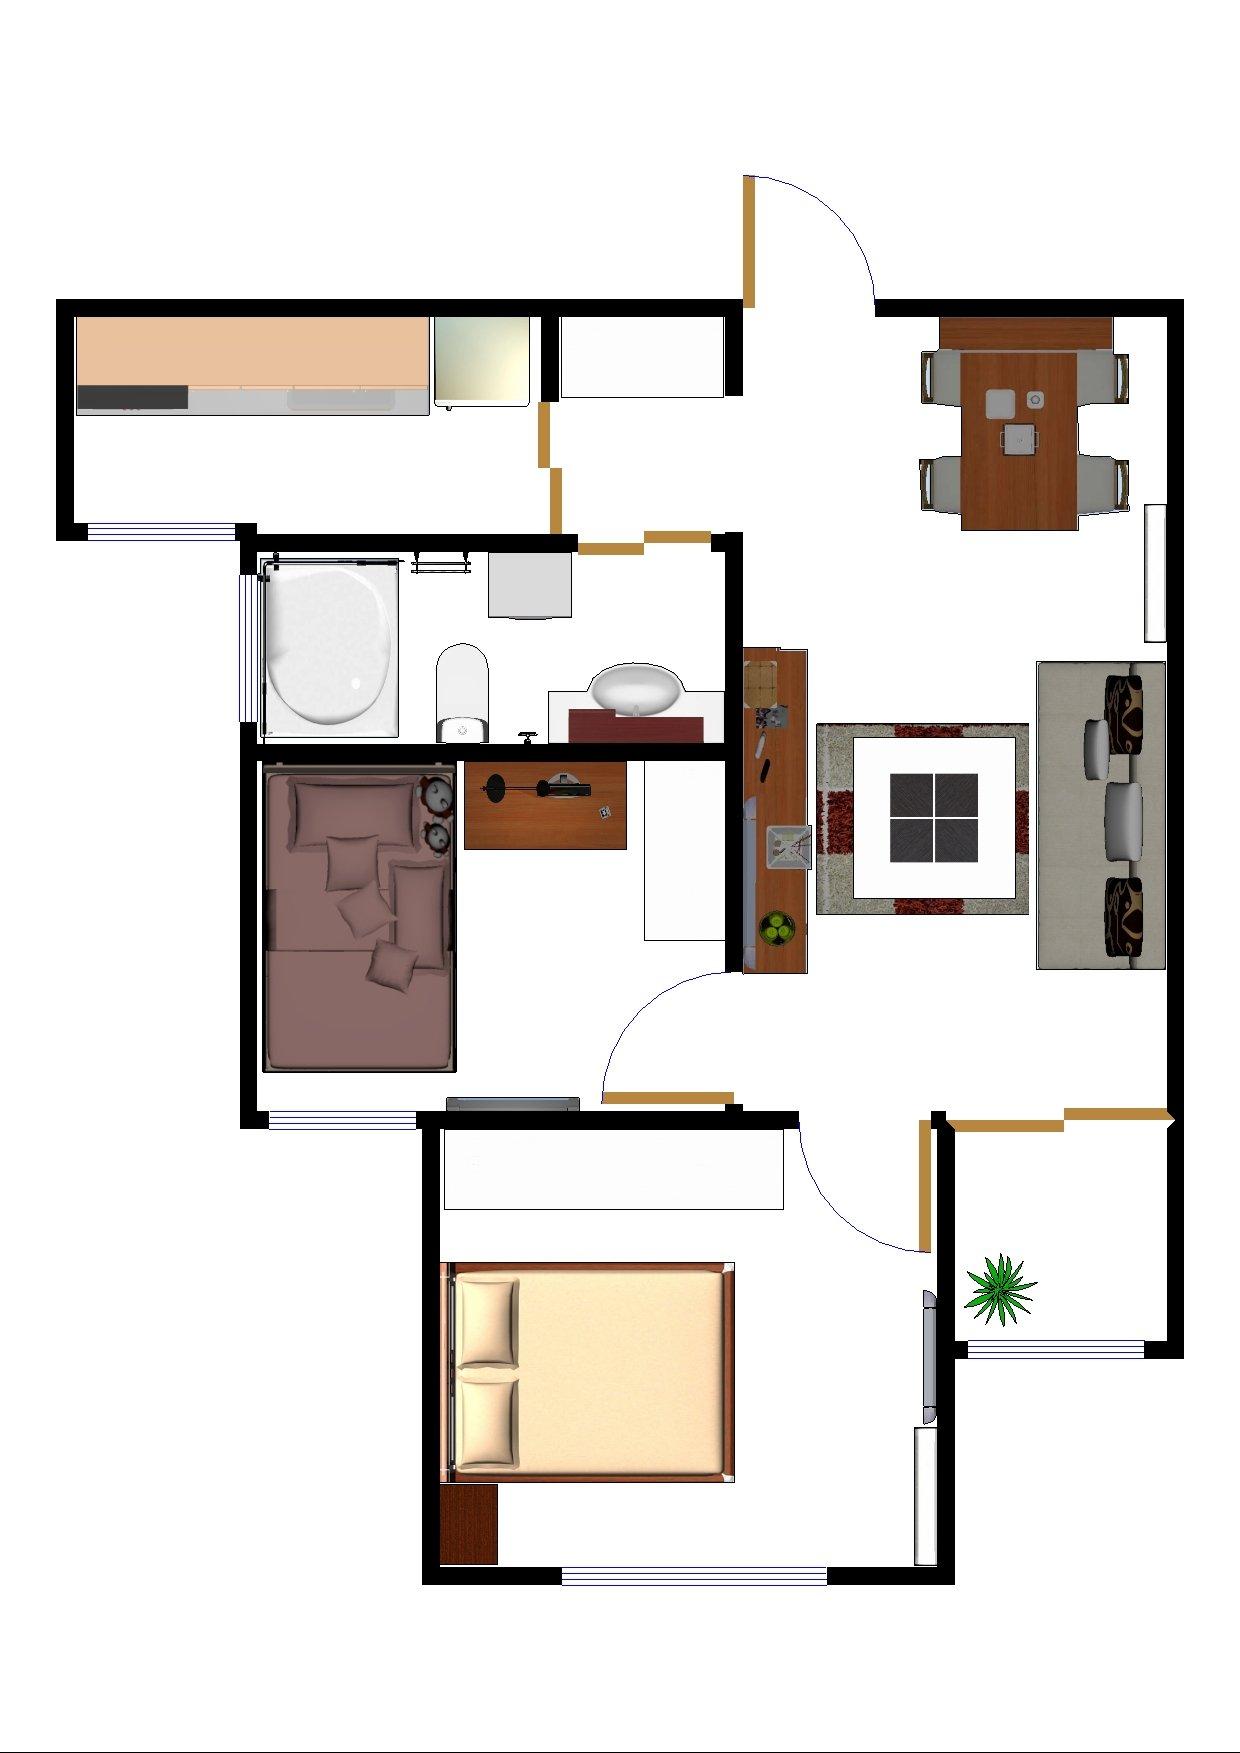 主题:72平房子自己画的装修平面设计图,两种房间布置方案,老婆要南北